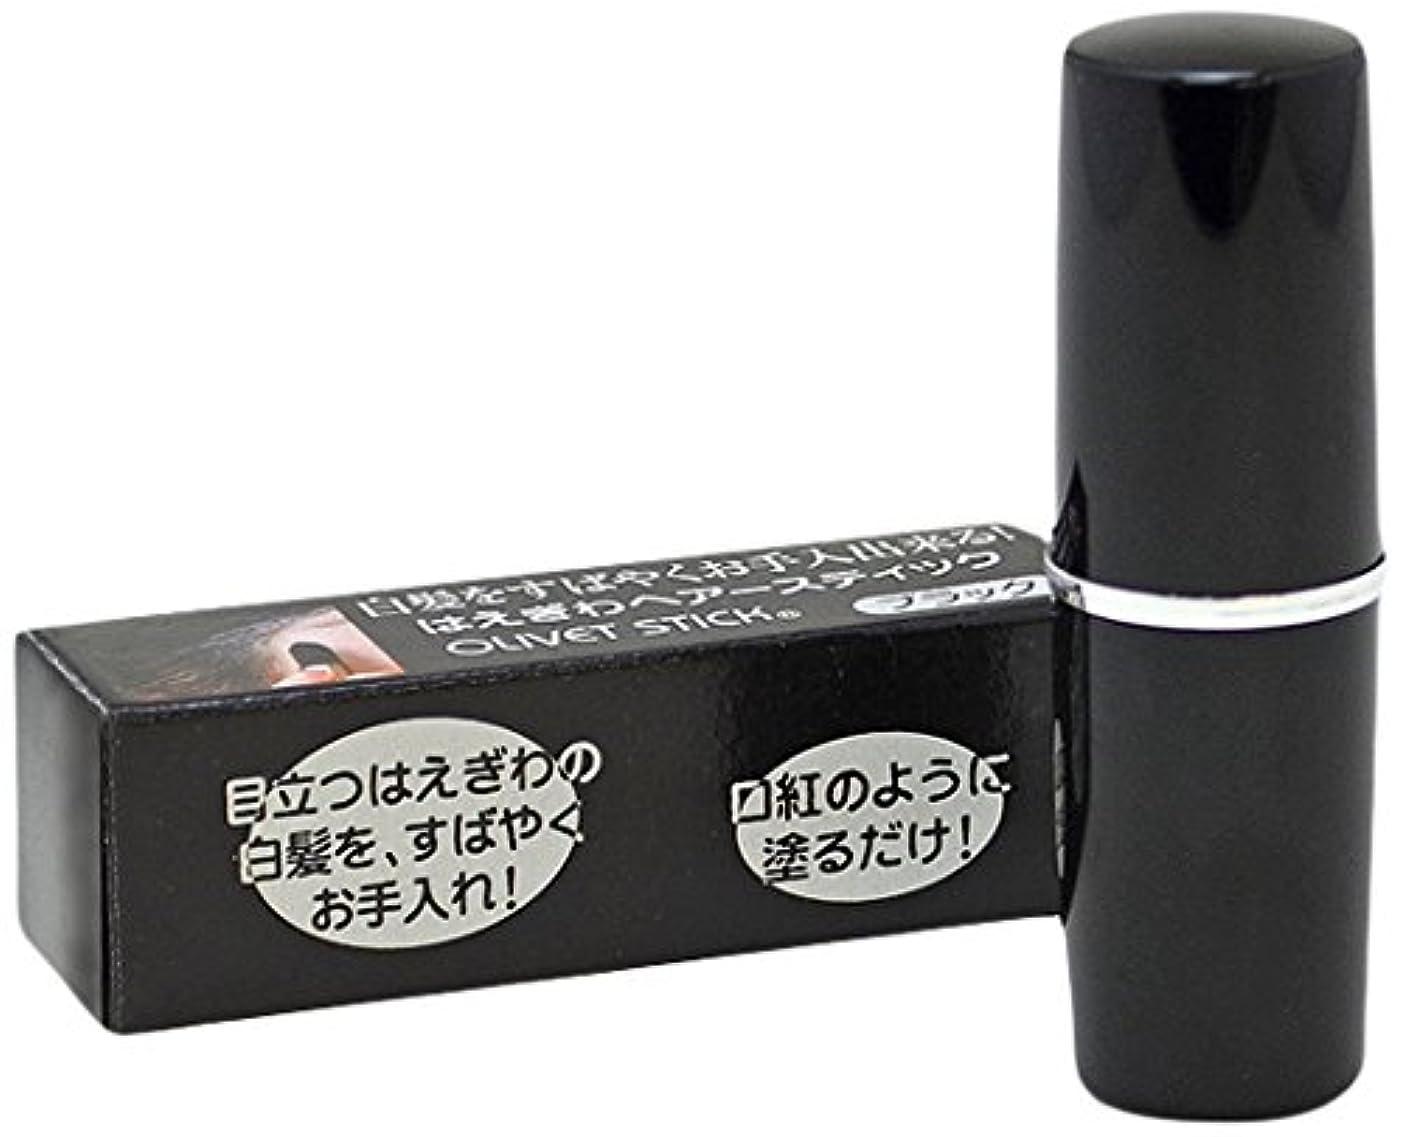 強い注目すべき九時四十五分美の友オリベットスティック(ブラック)3.8g